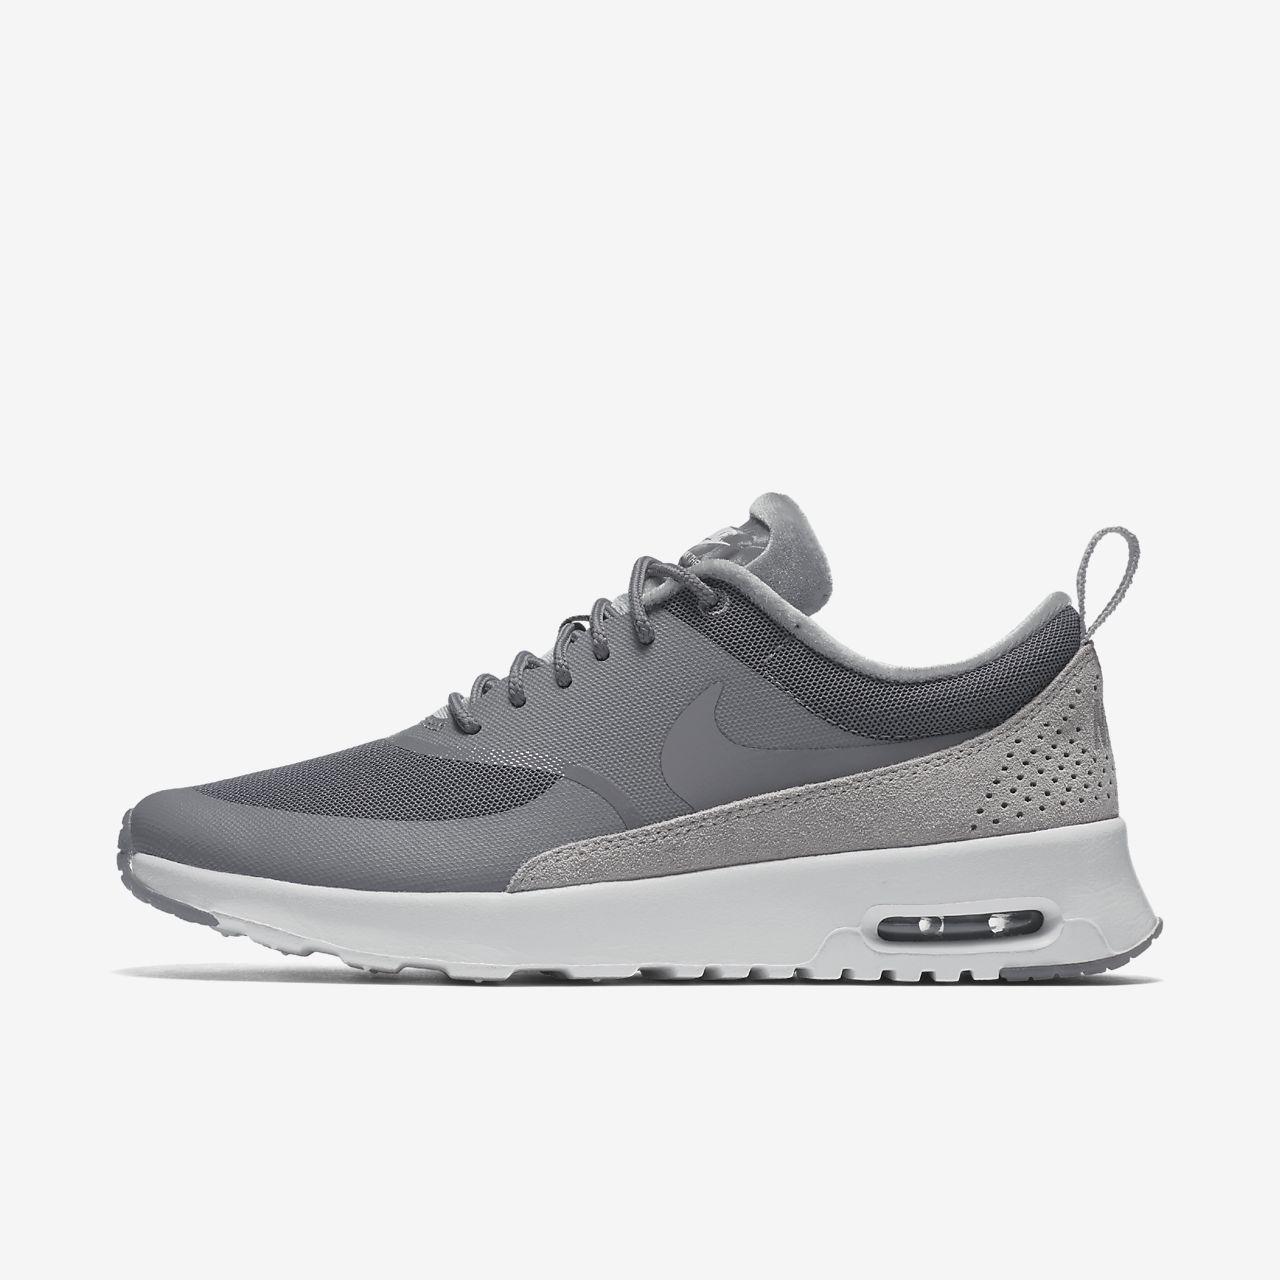 Originale Sortie Nike Chaussures AIR MAX THEA LX W Prix Le Moins Cher Une Livraison Rapide En Vente unisexe Moins De 50 Dollars LimldcB